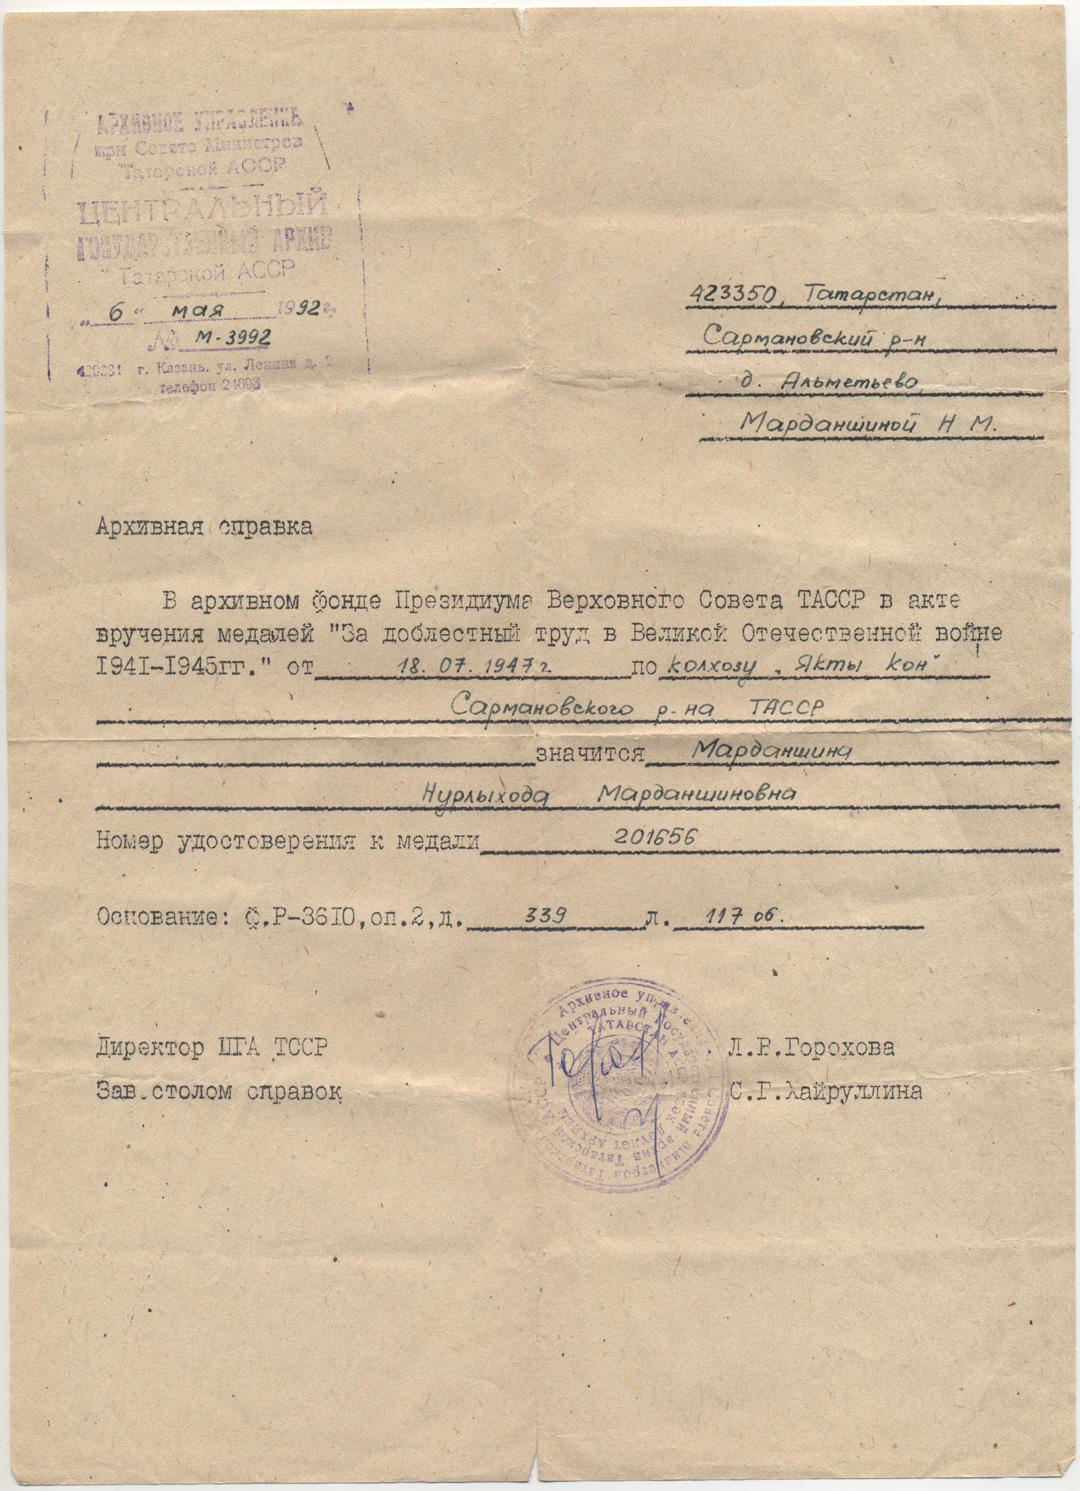 Справка о награждении медалью за доблестный труд в Великой Отечественной войне